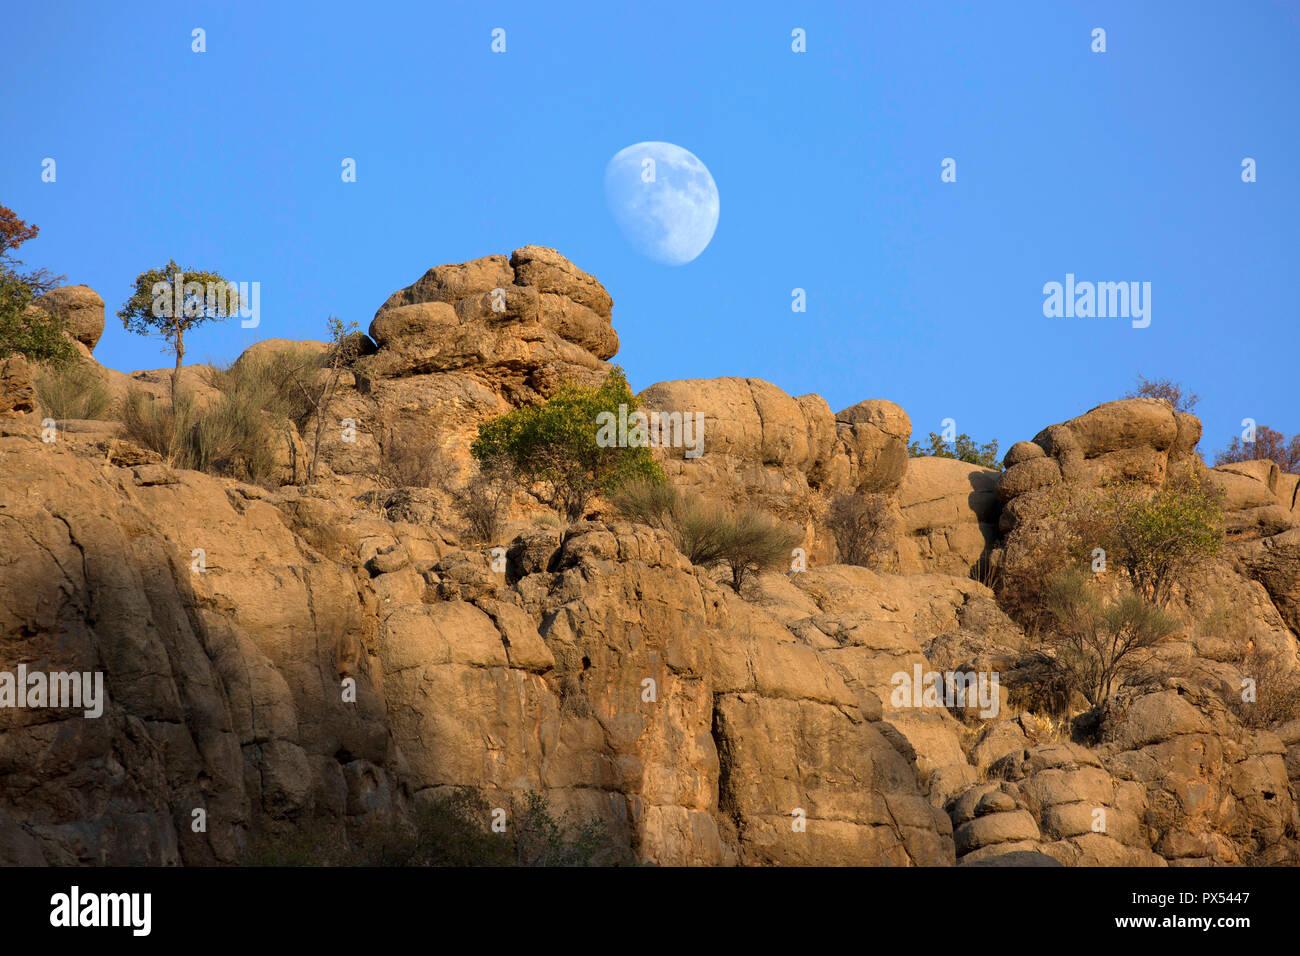 Luna elevándose sobre sedimentos de Zagros Foto de stock